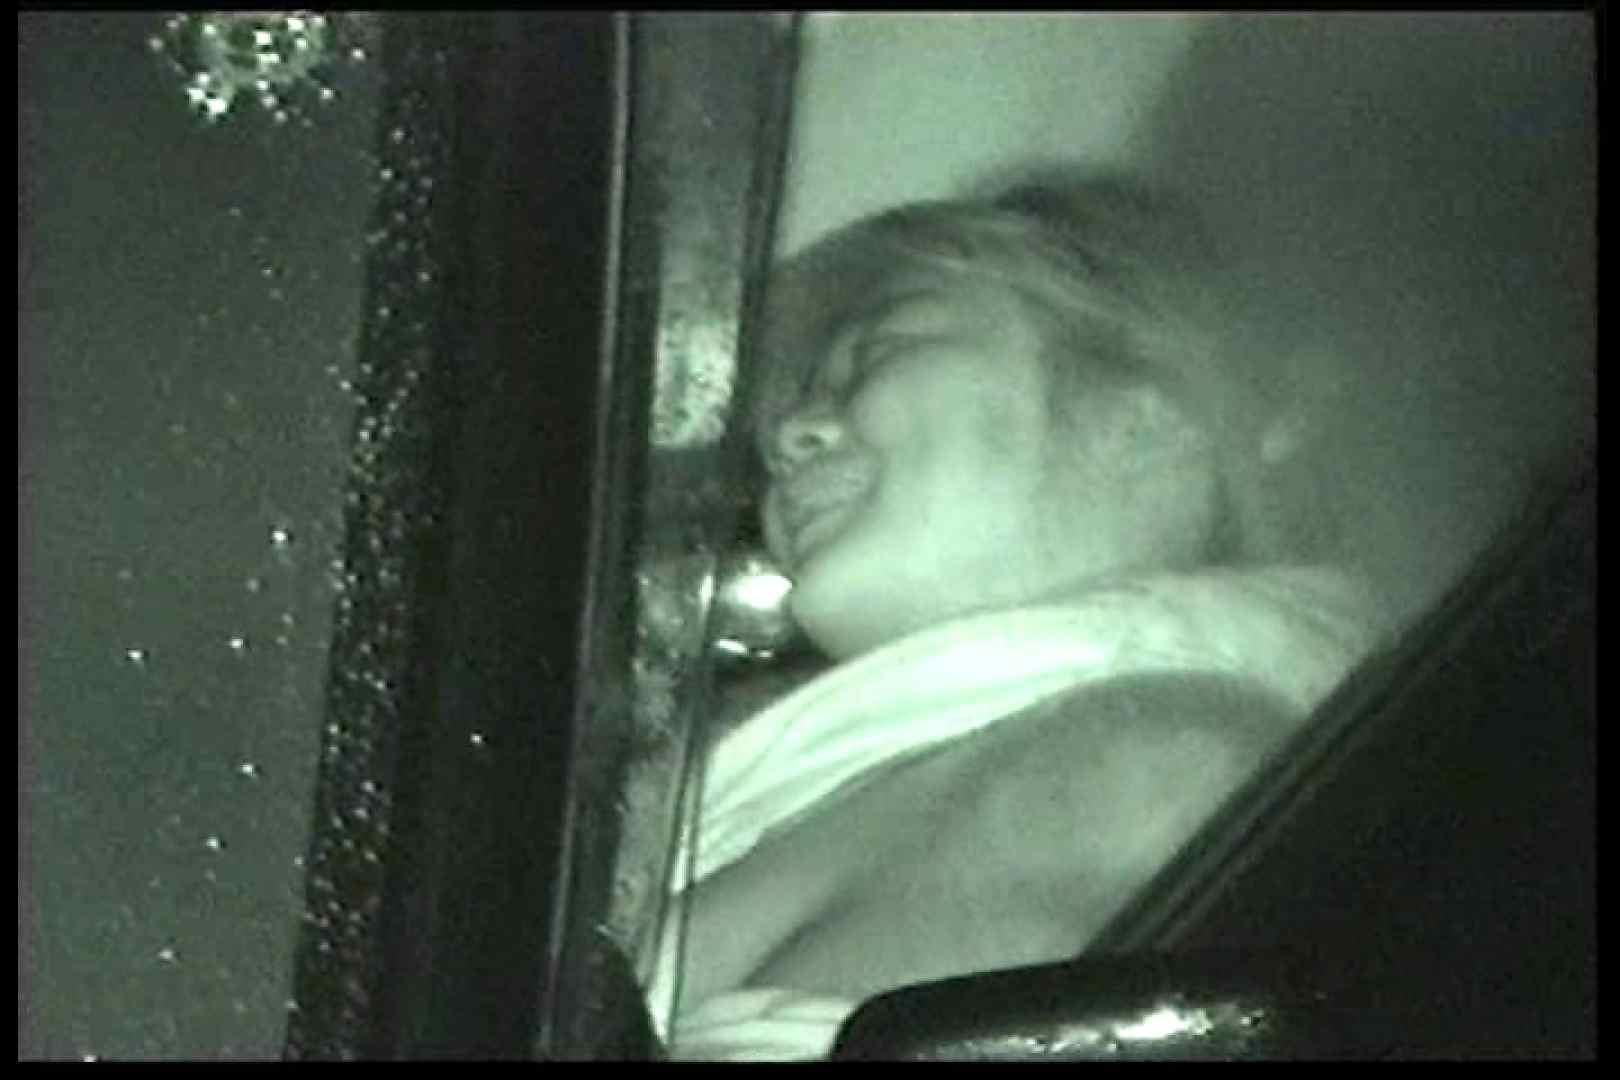 車の中はラブホテル 無修正版  Vol.14 ホテル隠し撮り すけべAV動画紹介 77pic 71